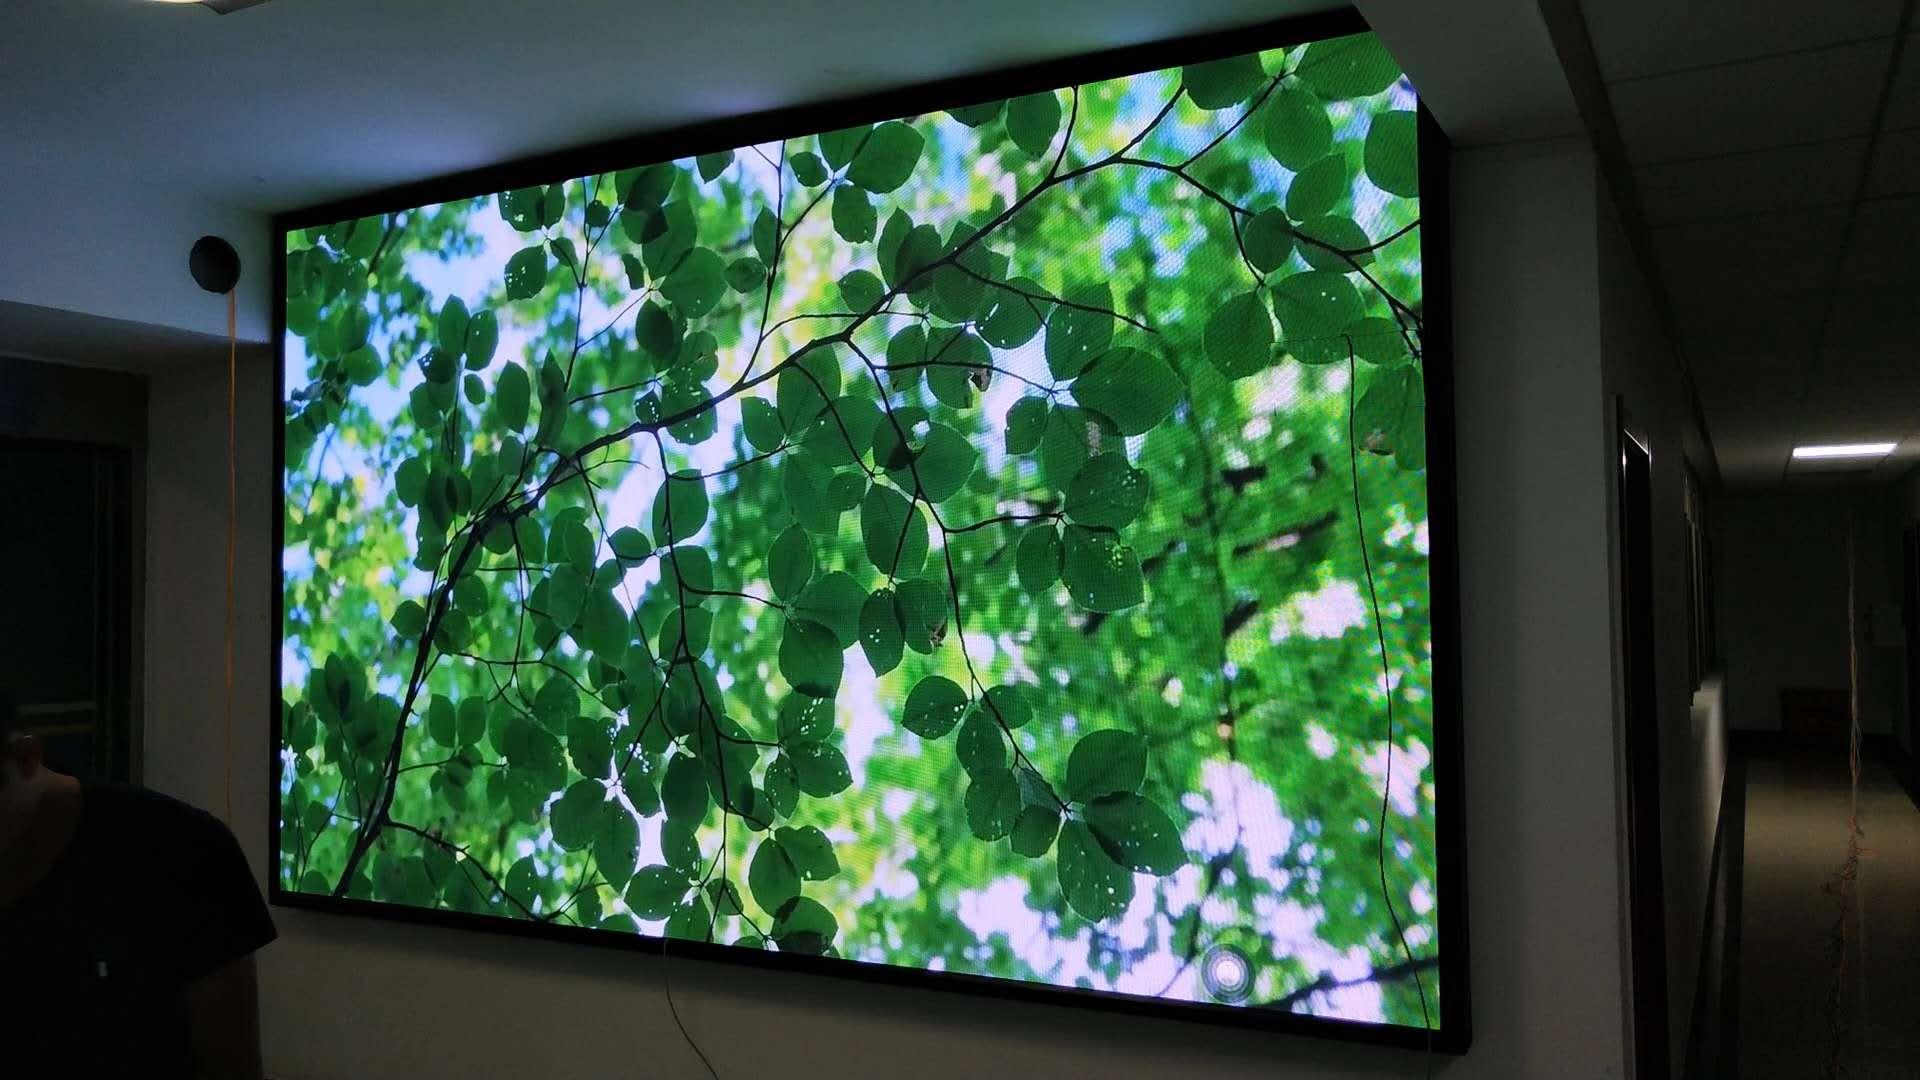 襄陽LED顯示屏安裝要考慮的因素